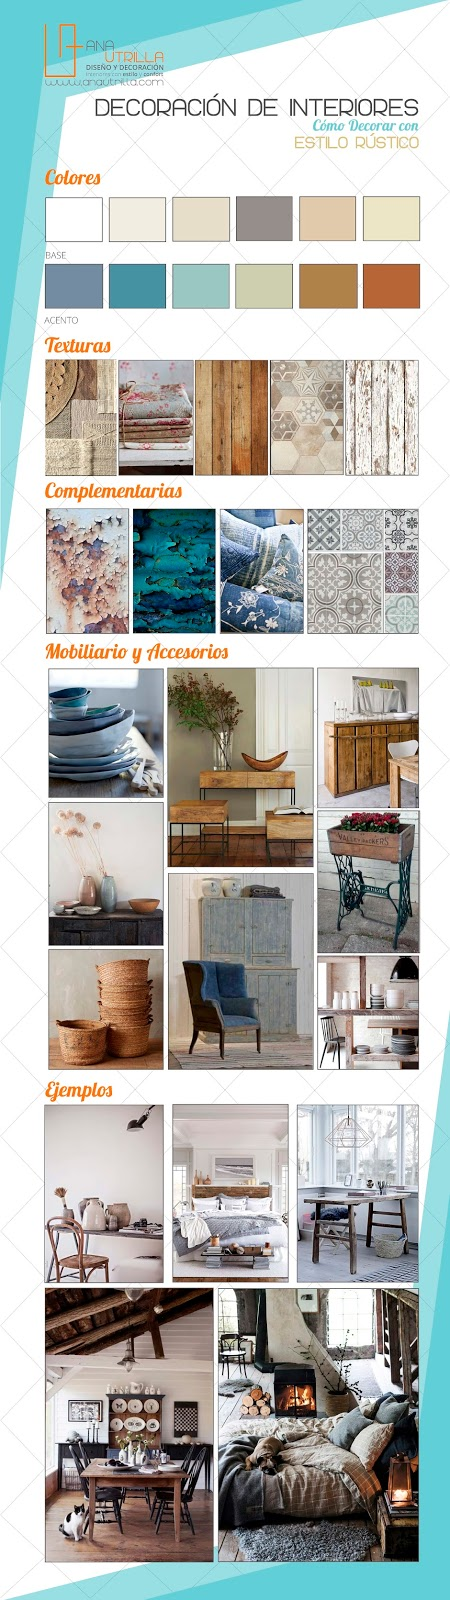 #Infografía cómo #decorar con estilo #rústico tu hogar o espacio de trabajo. #Tips Info@anautrilla.com www.anautrilla.com